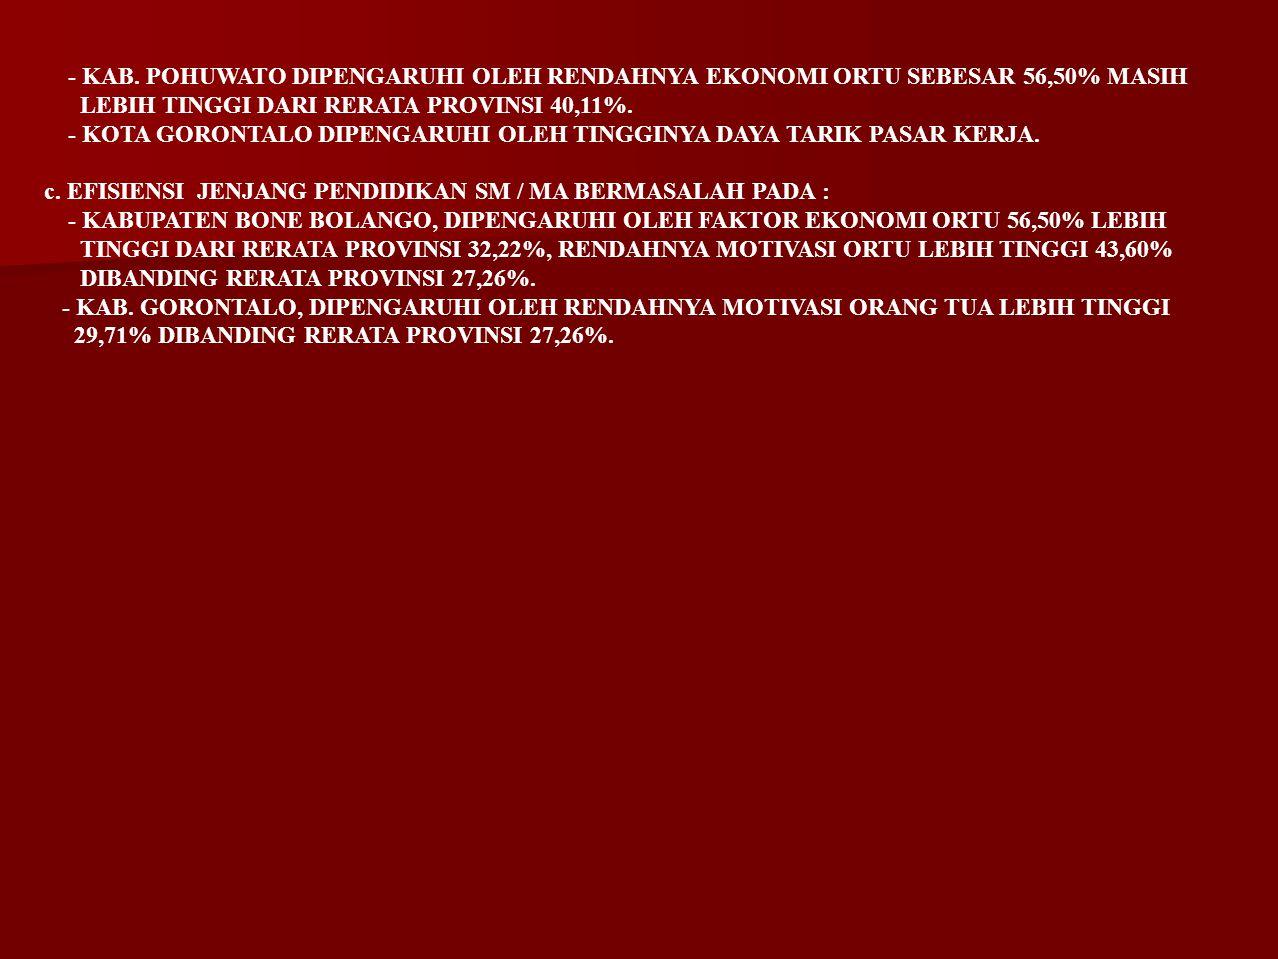 - KAB. POHUWATO DIPENGARUHI OLEH RENDAHNYA EKONOMI ORTU SEBESAR 56,50% MASIH